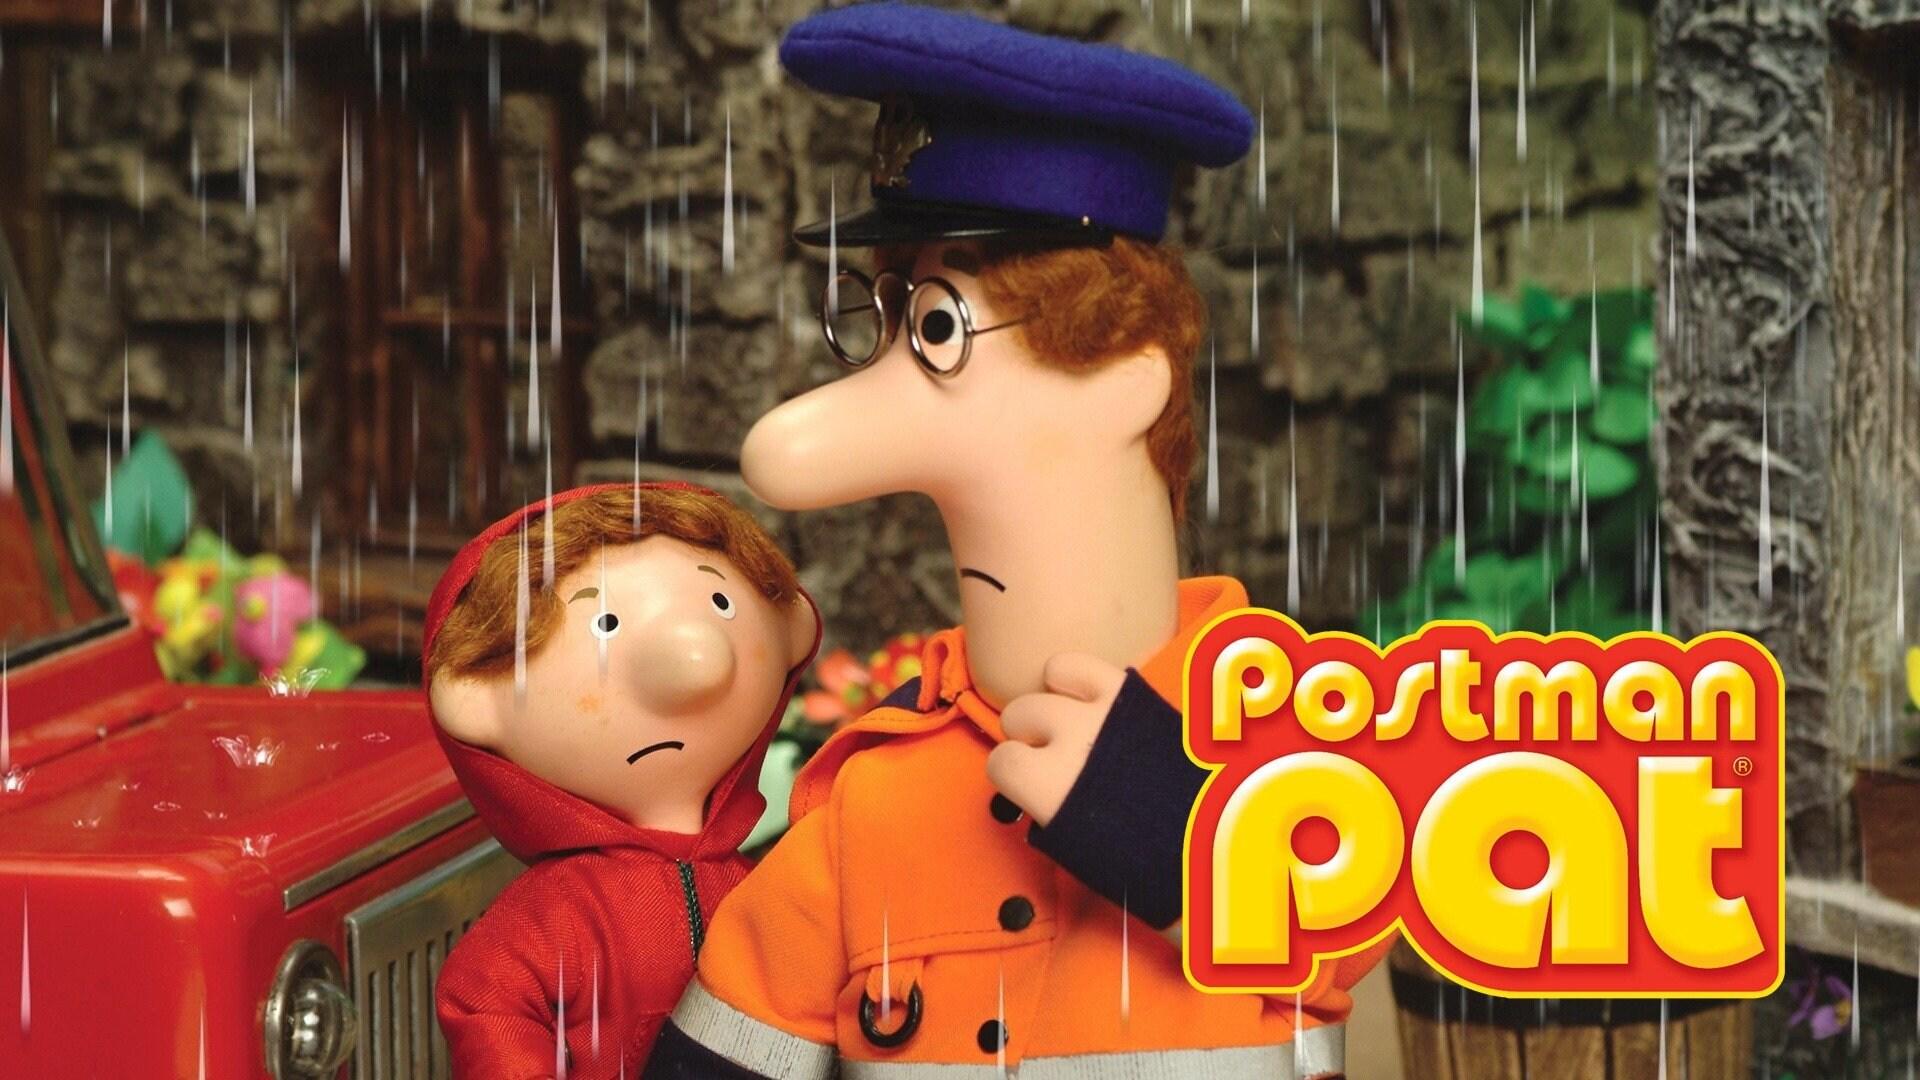 Postman Pat's Pied Piper